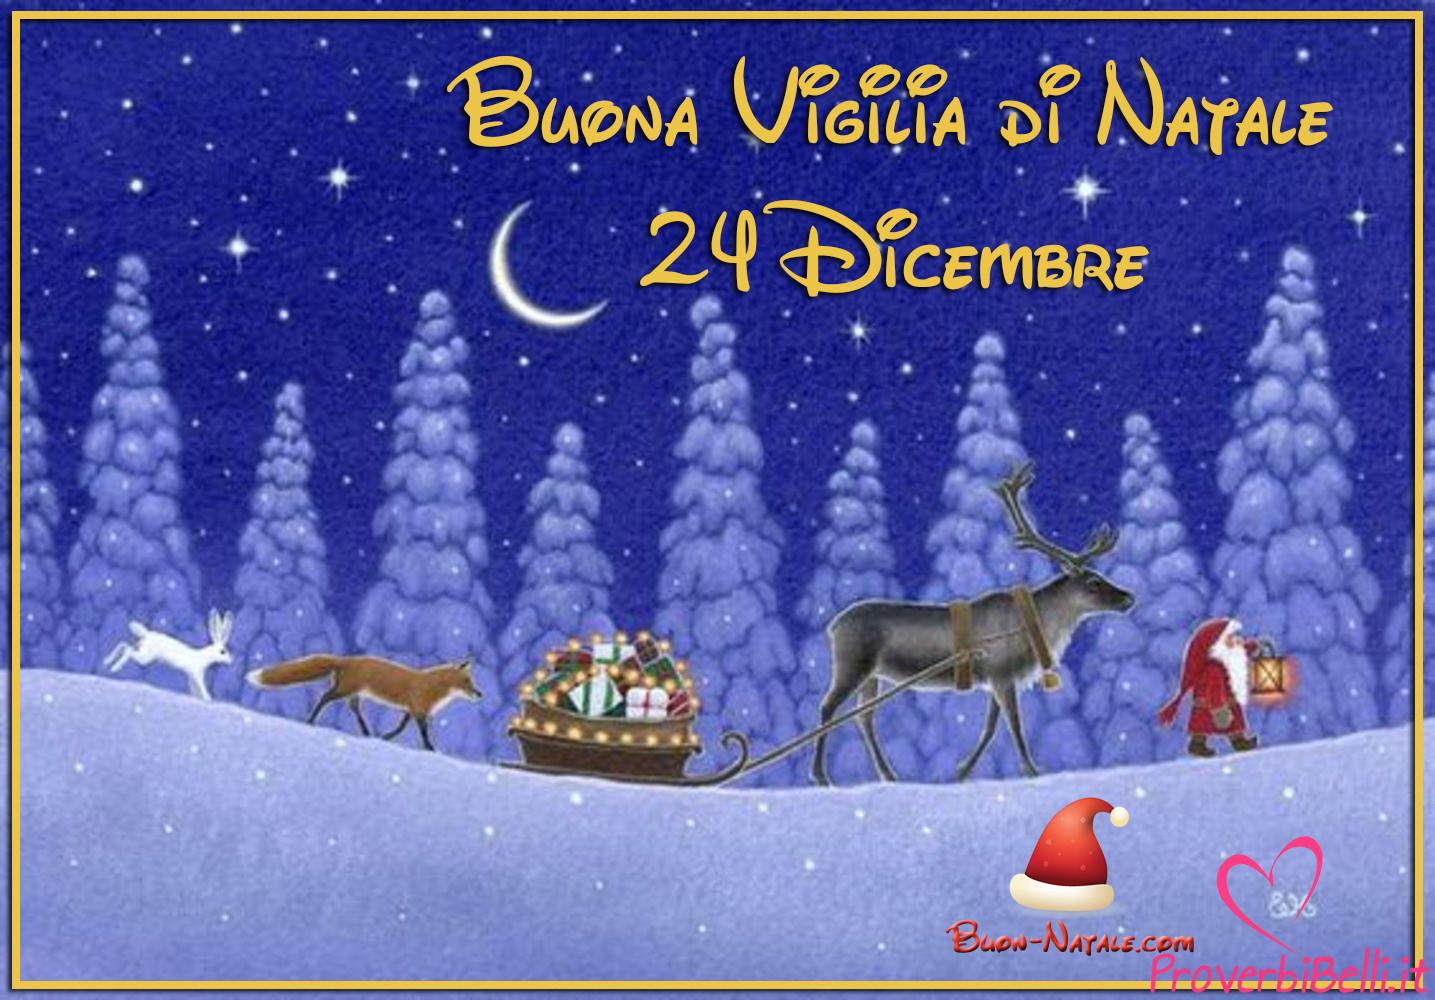 Buona Vigilia Cenone di Natale 24 Dicembre